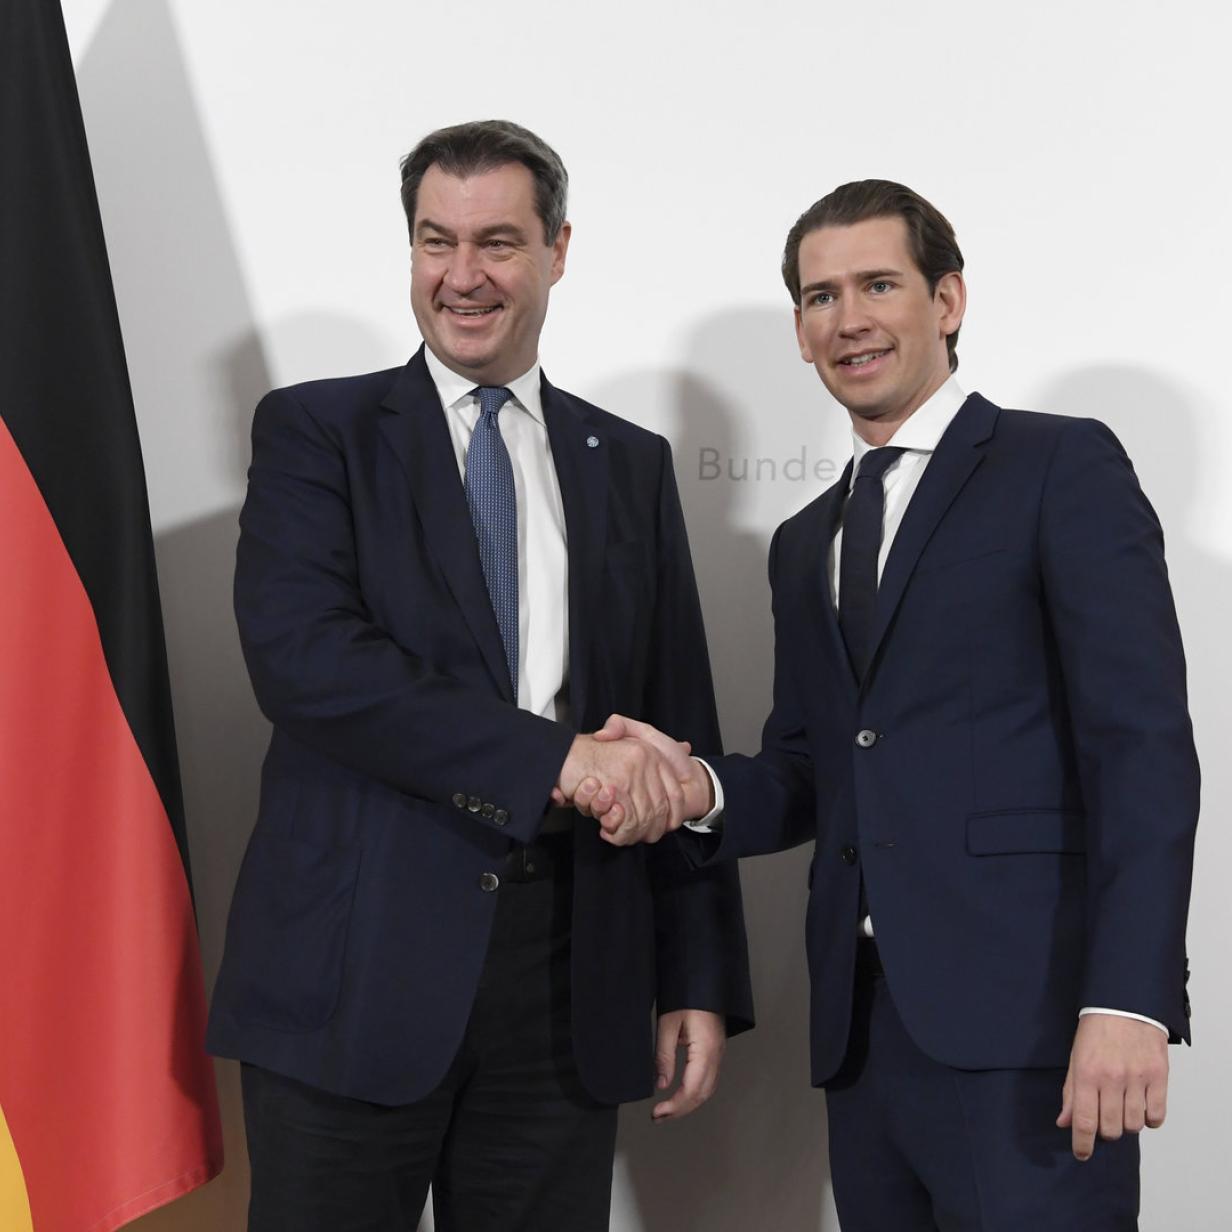 EU: Kurz und Söder lehnen Kooperation mit Rechtspopulisten ab